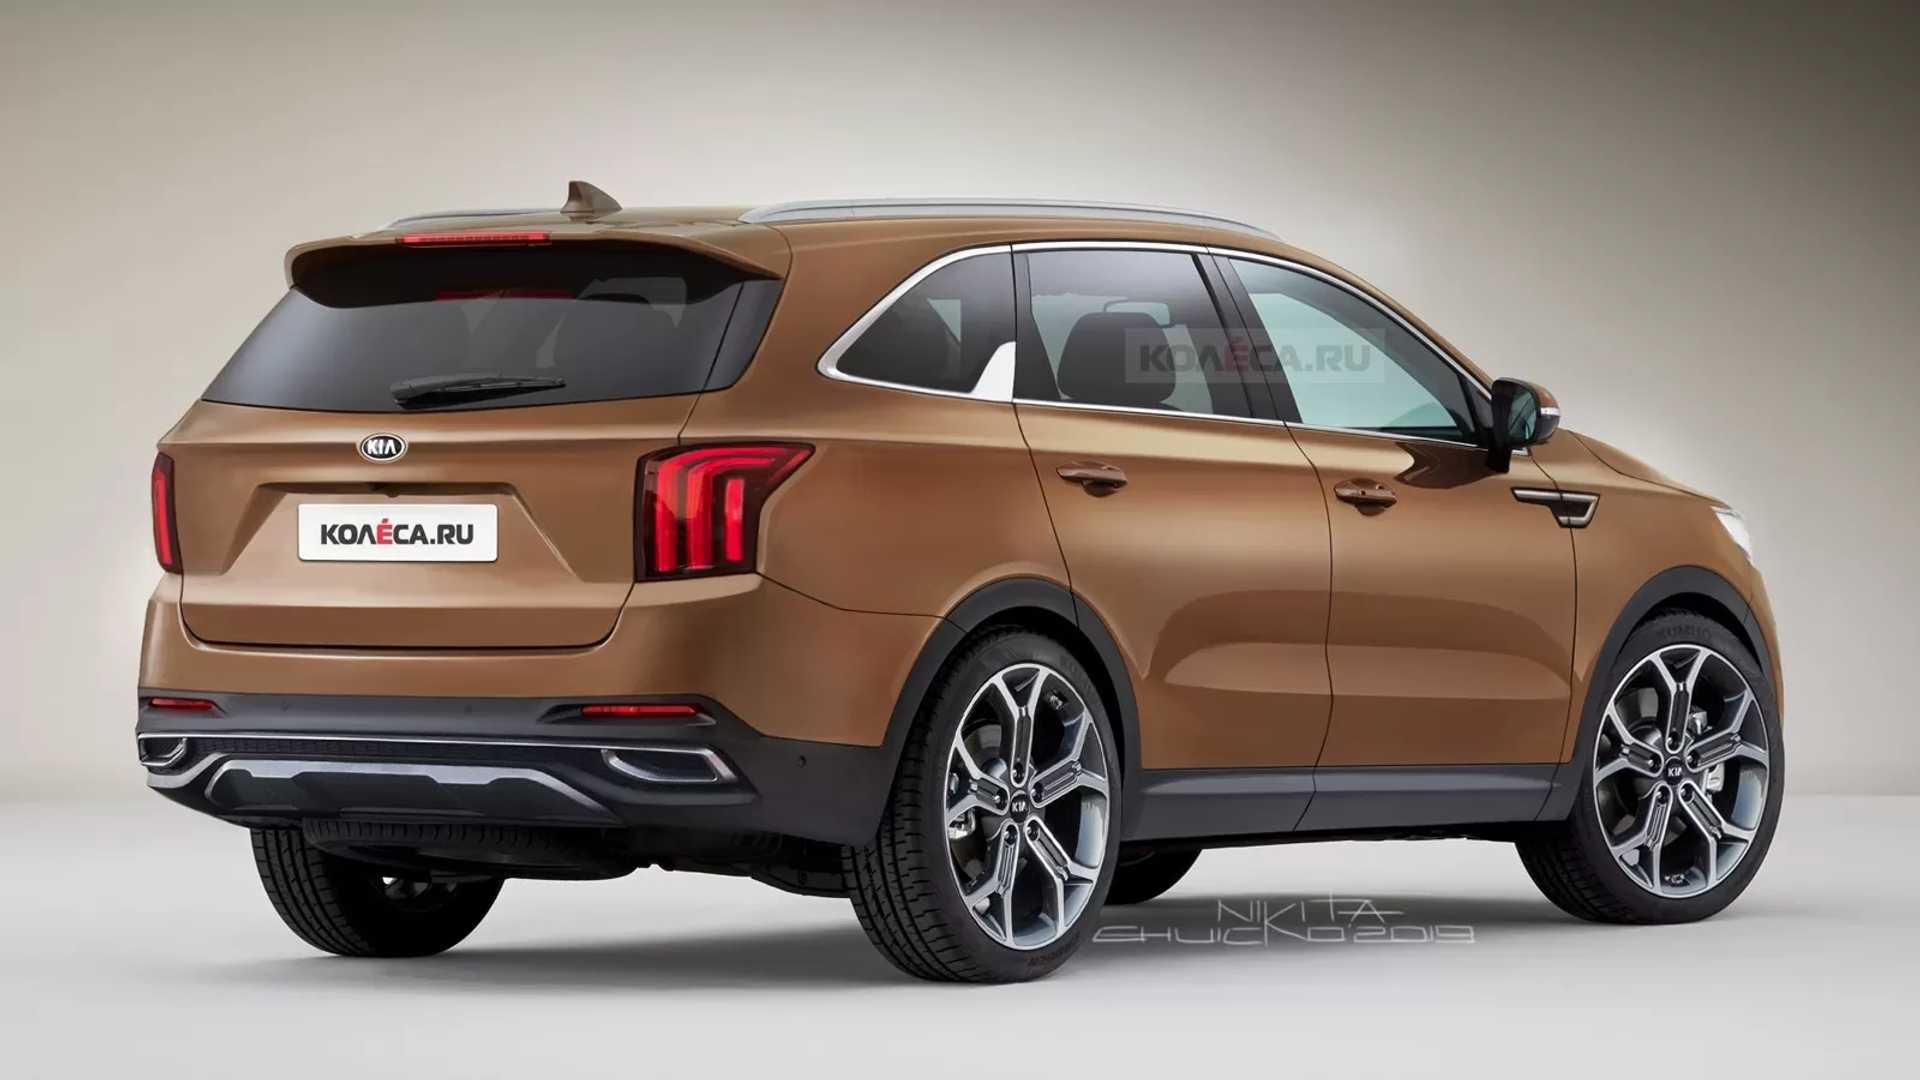 نسل جدید خودرو کیا سورنتو در راه است